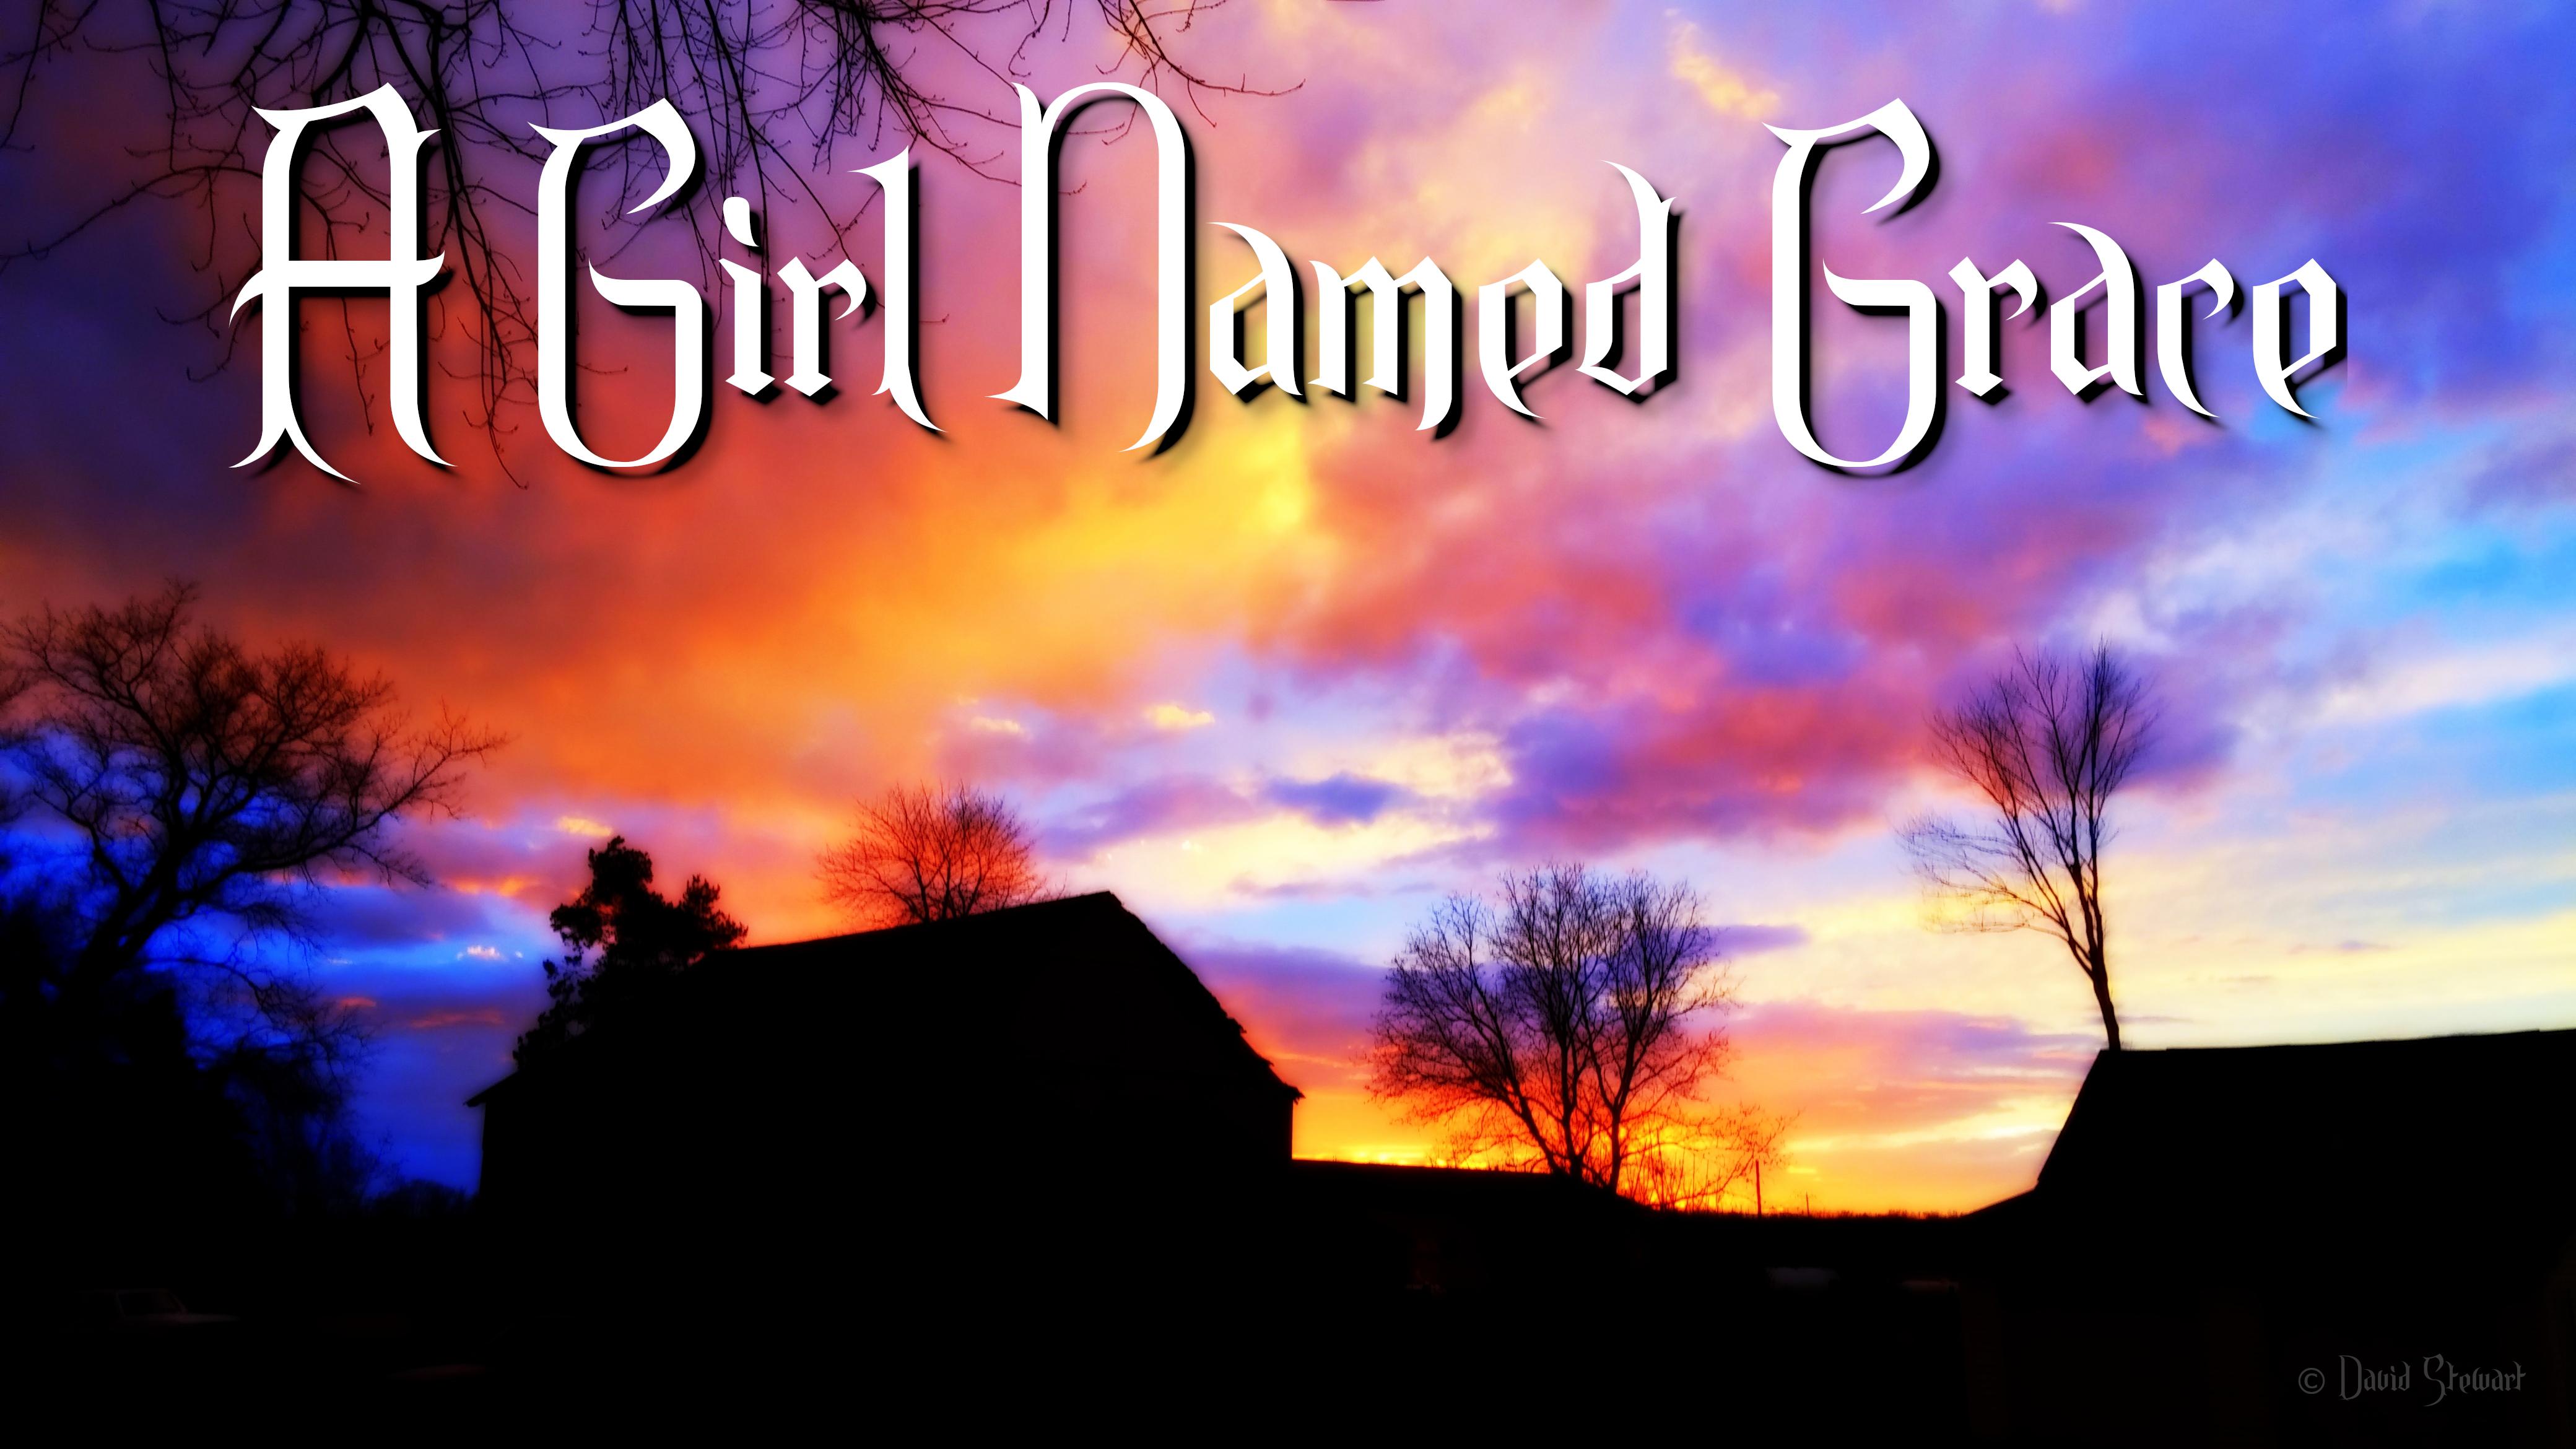 Girl Named Grace